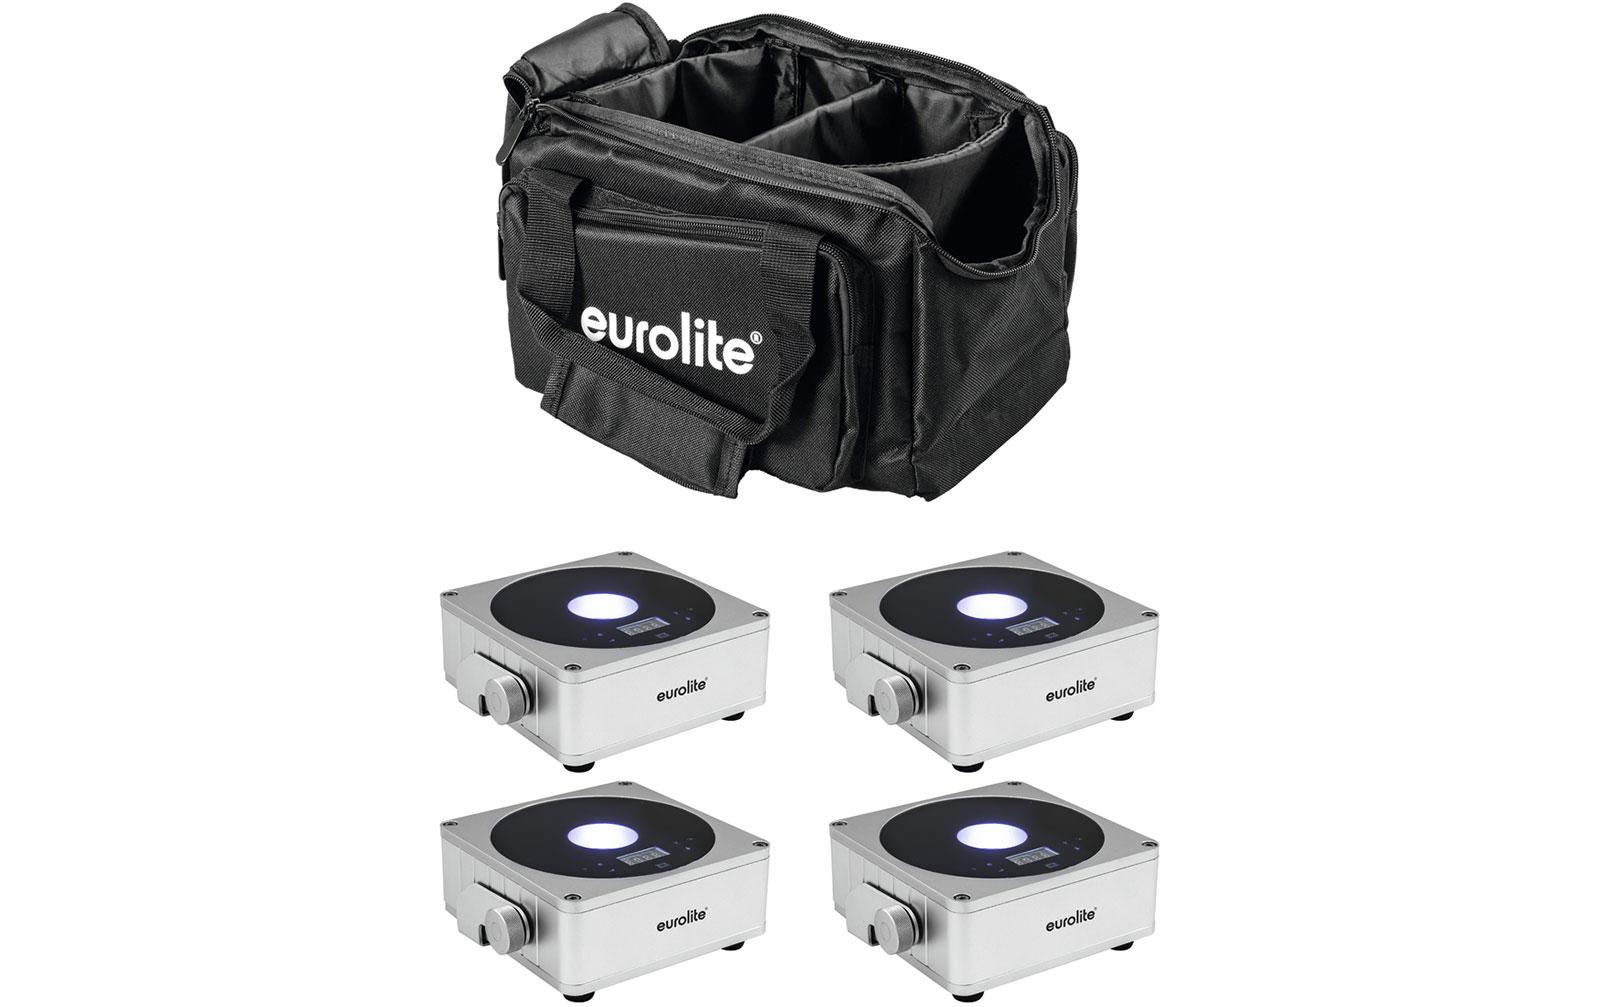 eurolite-set-4x-akku-flat-light-1-silber-soft-bag